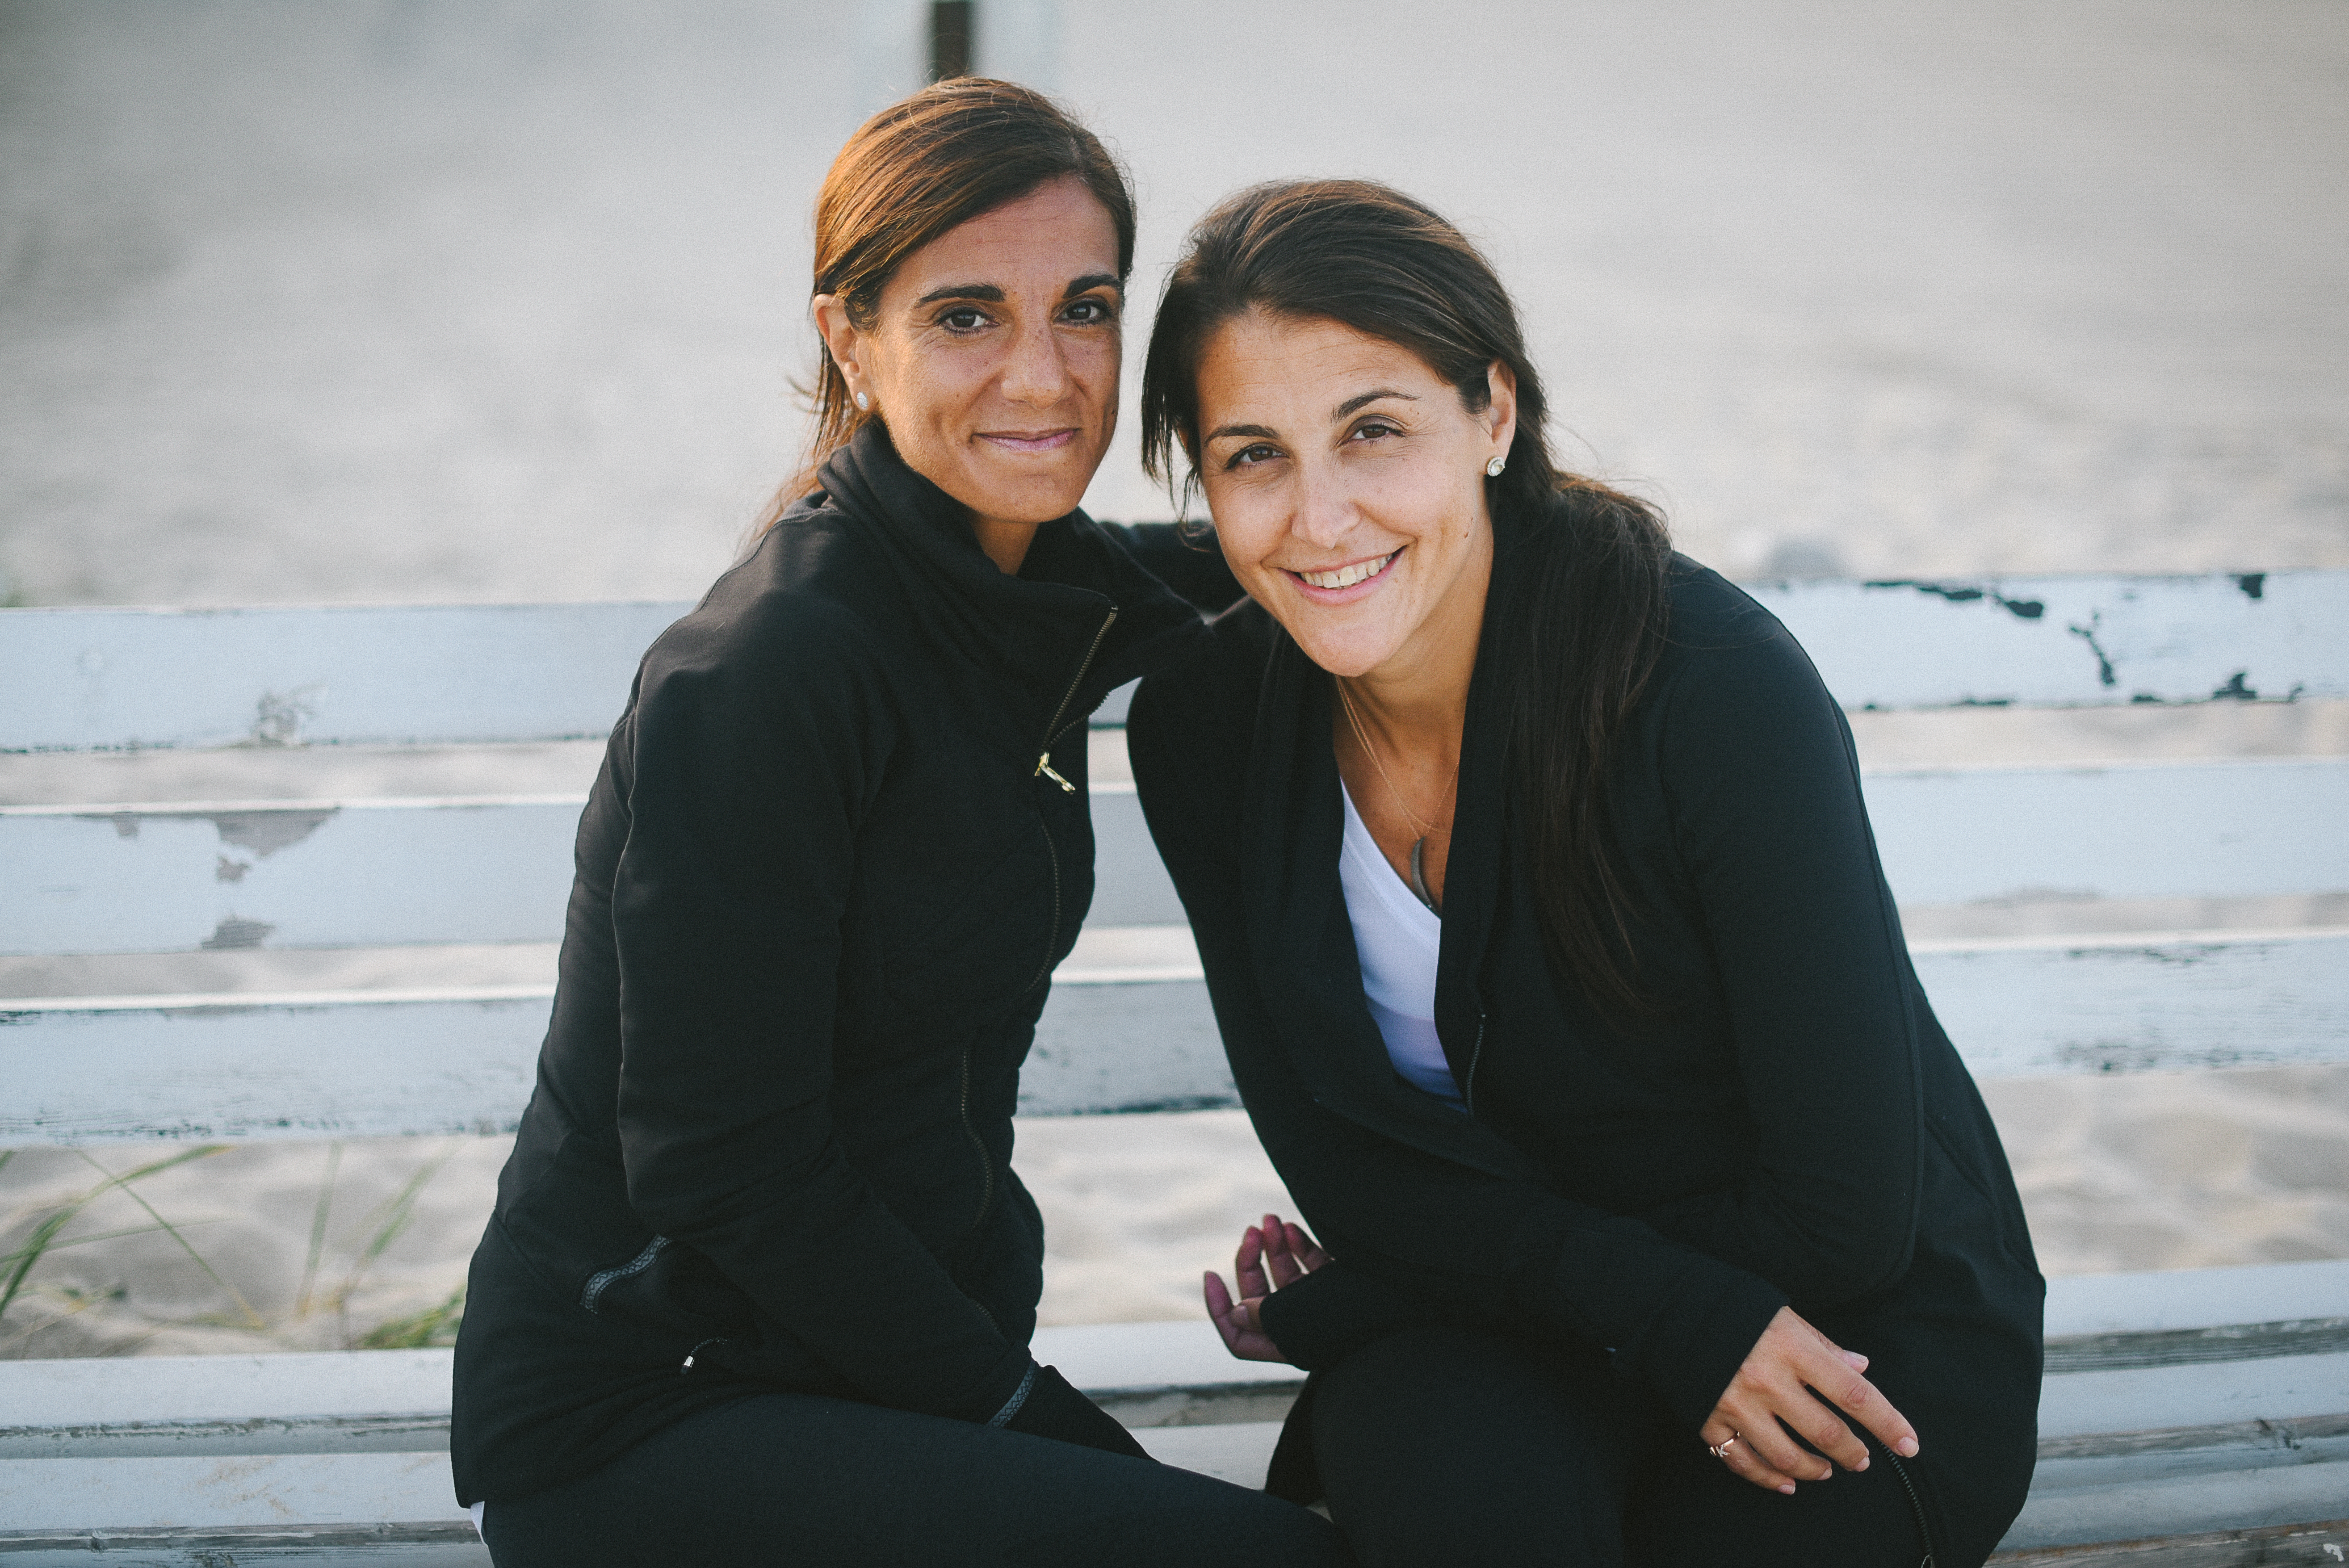 Dr Jaime Knopman and Dr Sheeva Talebian